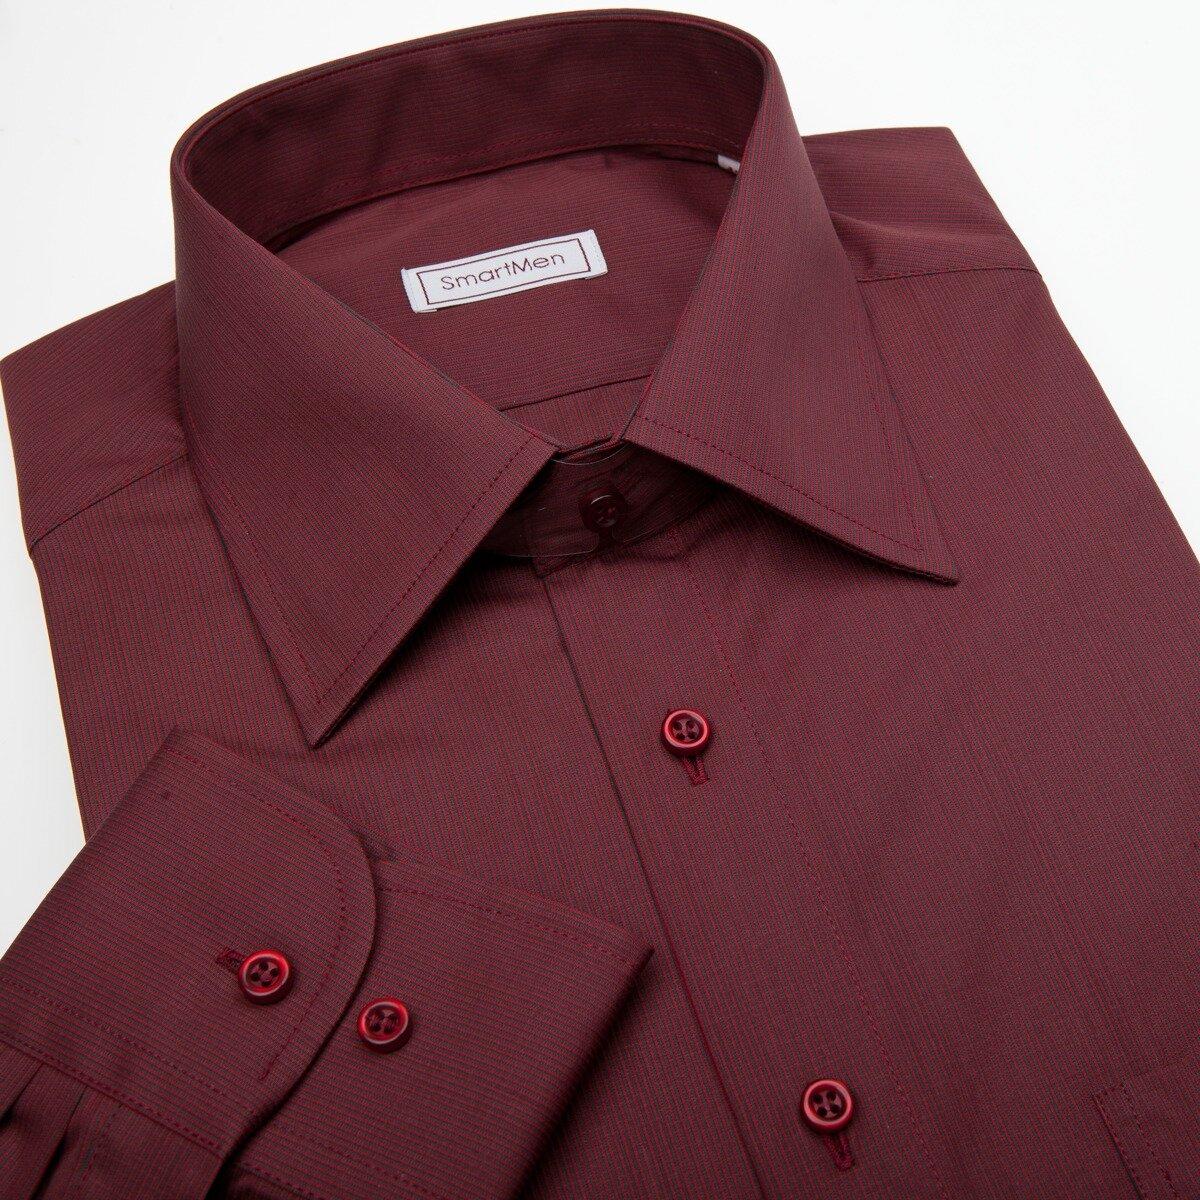 Vínově červená košile s dlouhým rukávem s knoflíčky v barvě 1356a4ce56